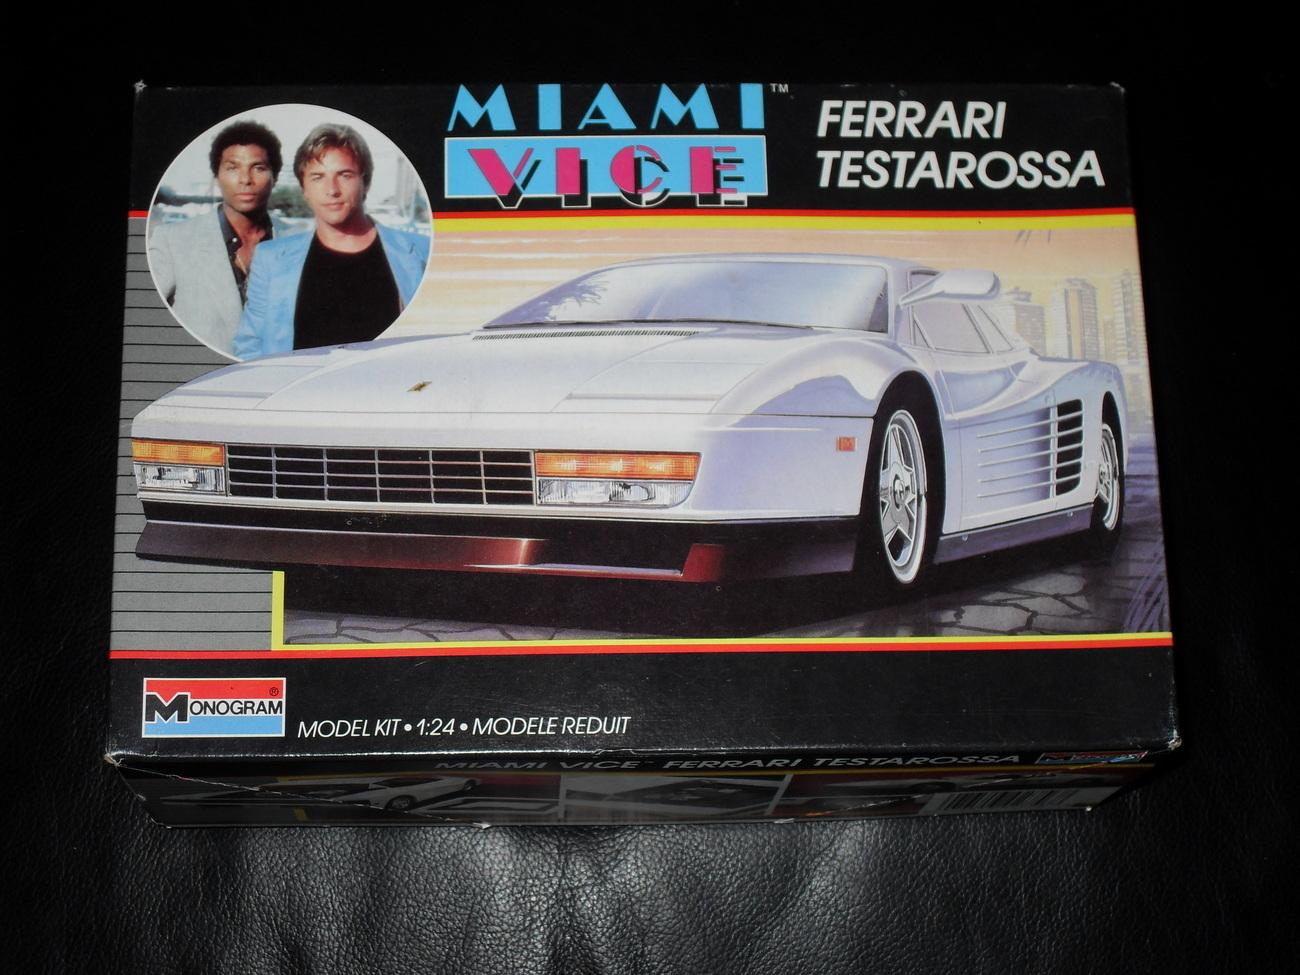 Miami vice model 005